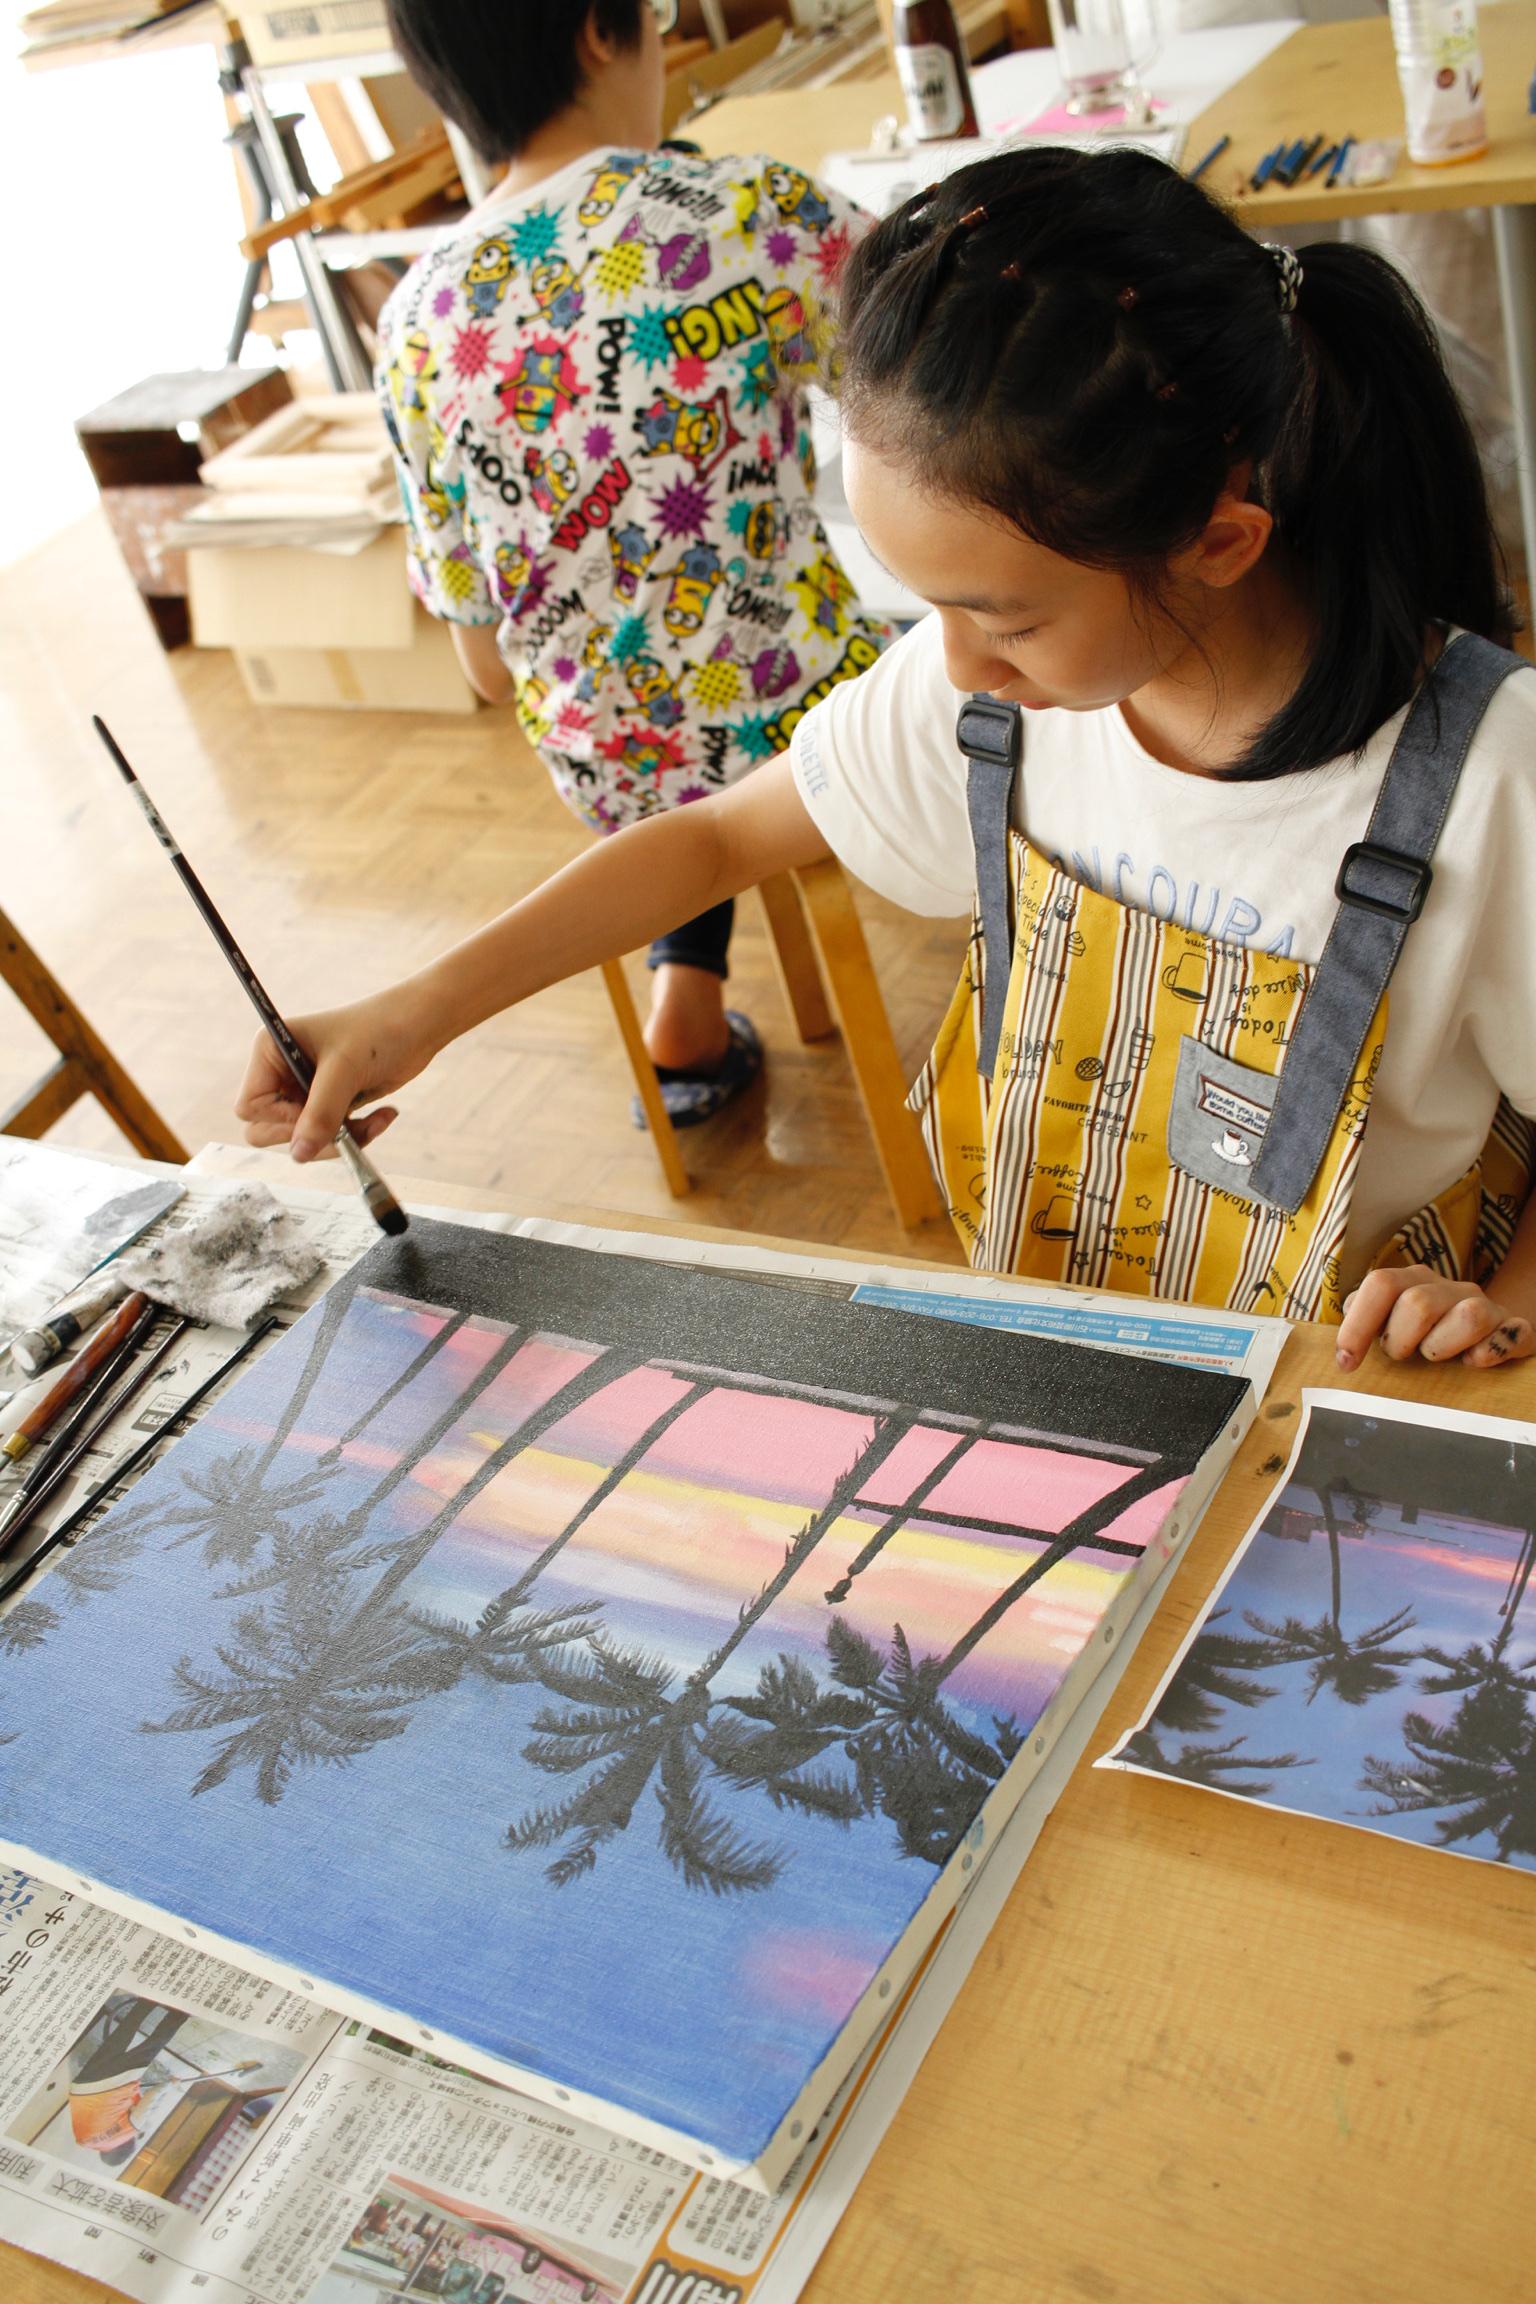 金沢美術学院のこども絵画教室で油絵